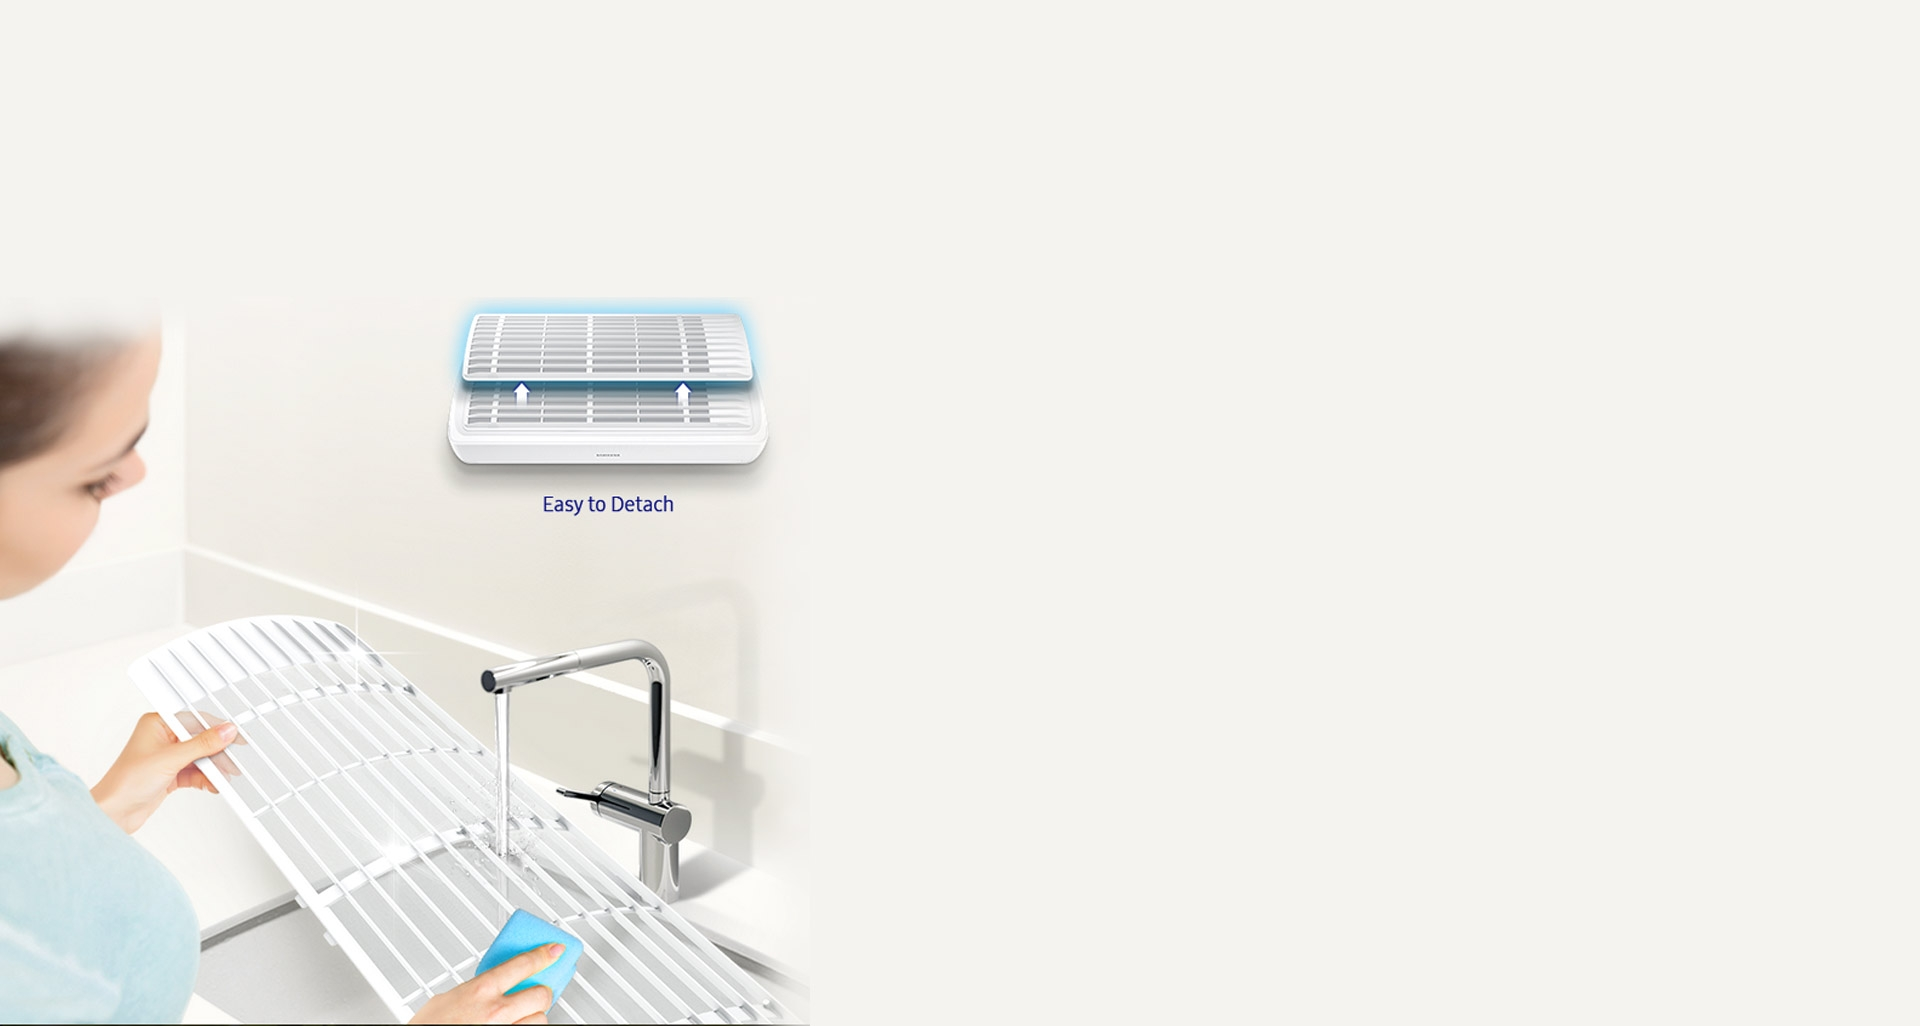 تمیز کردن راحت و سریع فیلتر کولرگازی بدون باد